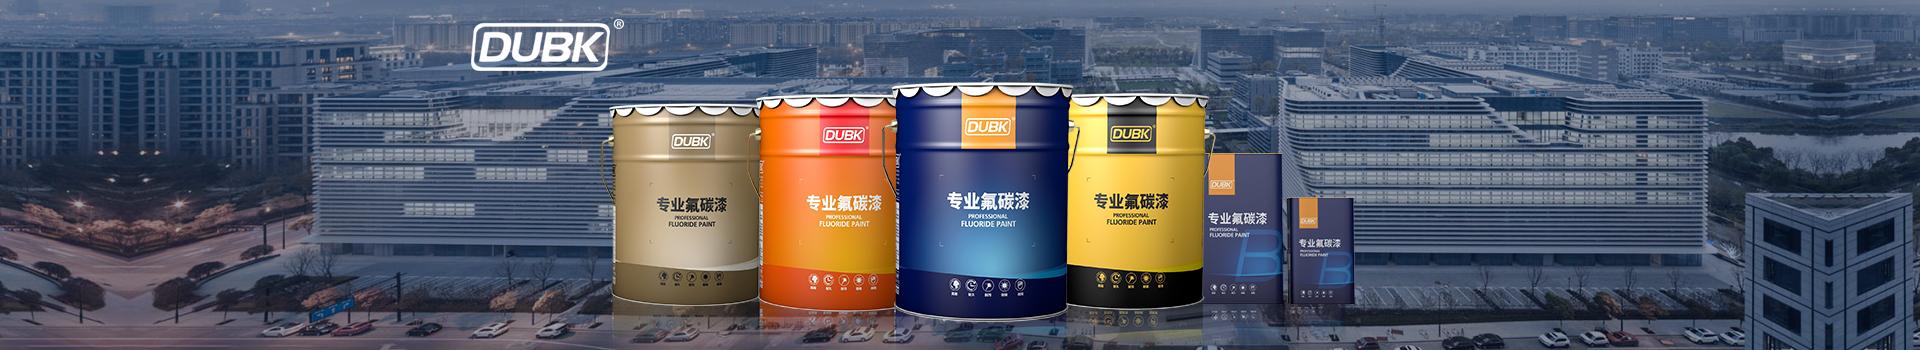 高标准氟碳漆项目必选品牌,中标率高达99%